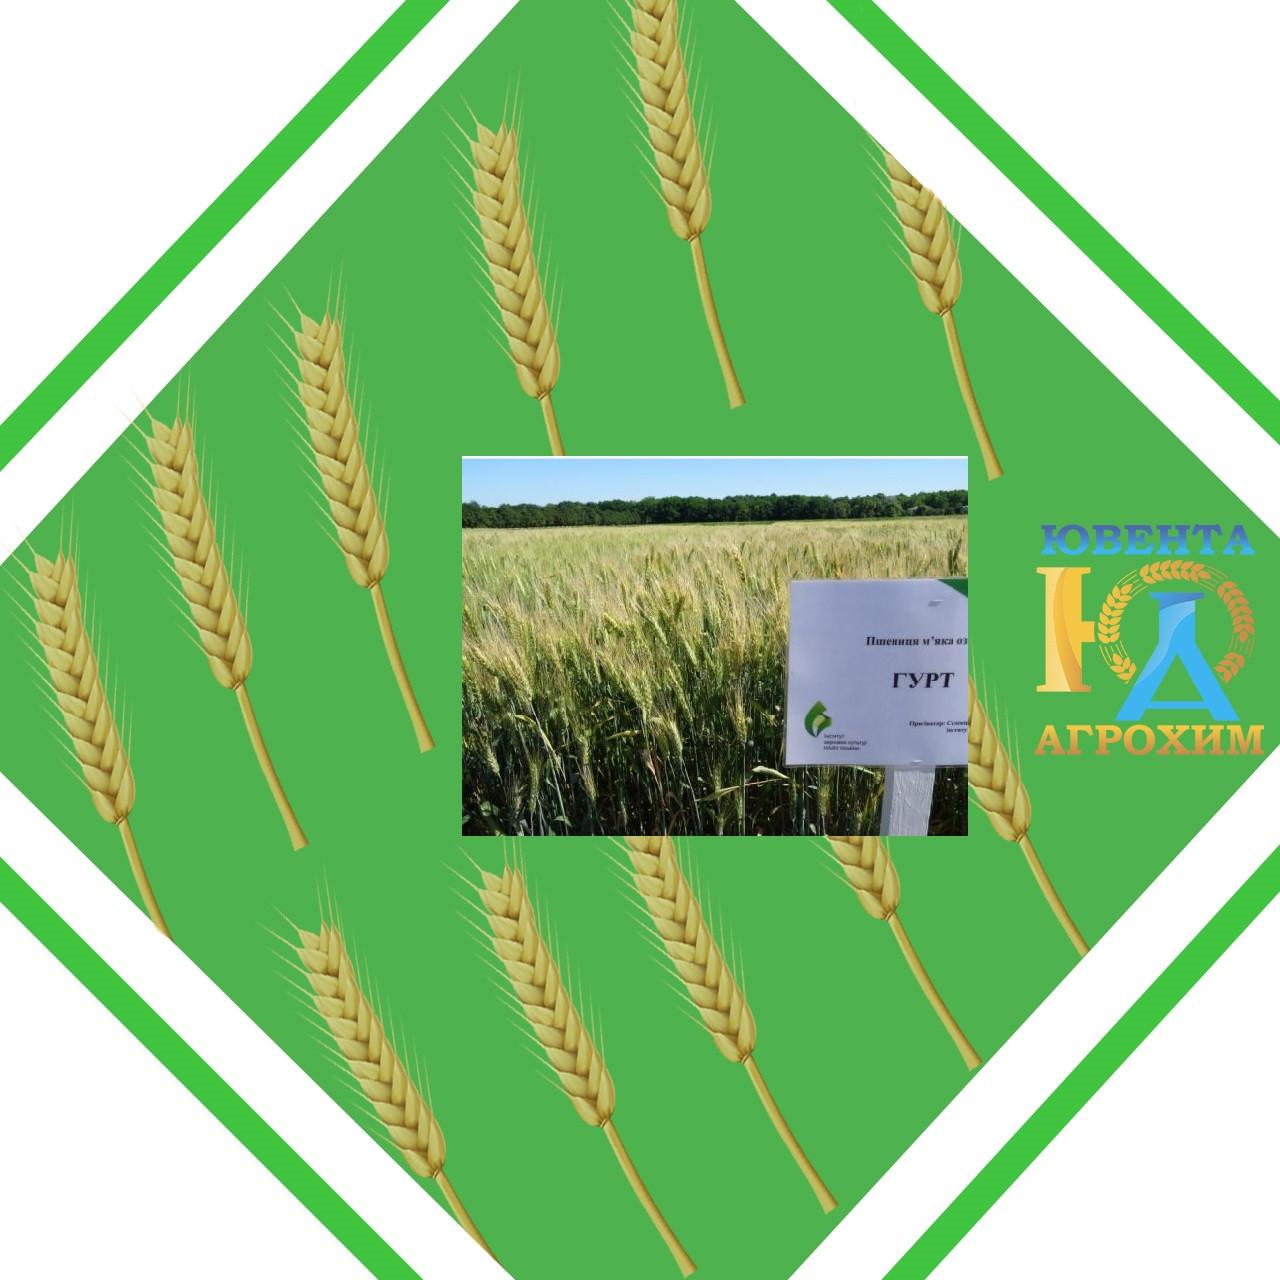 Семена озимой пшеницы Гурт (суперэлита)